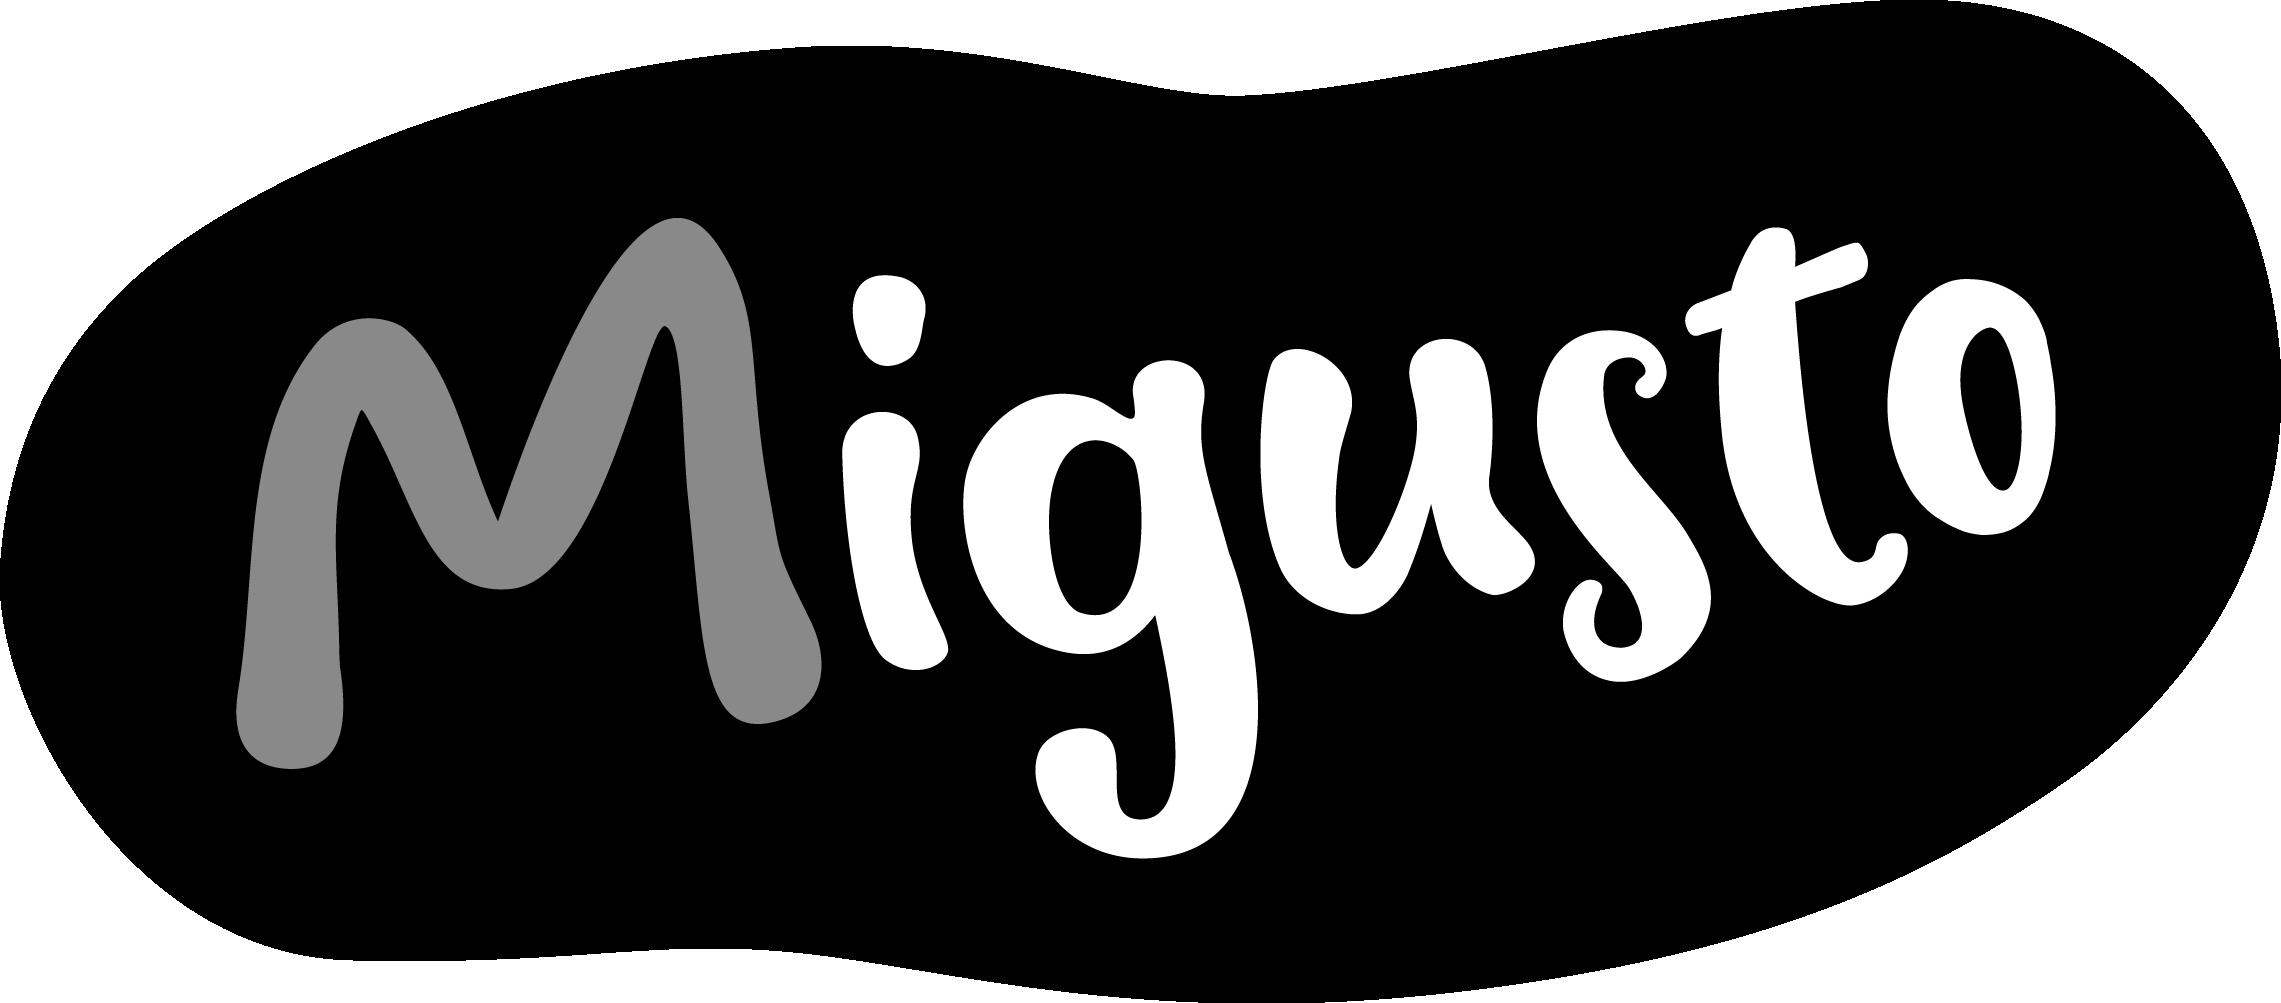 Migusto - Janz jut!